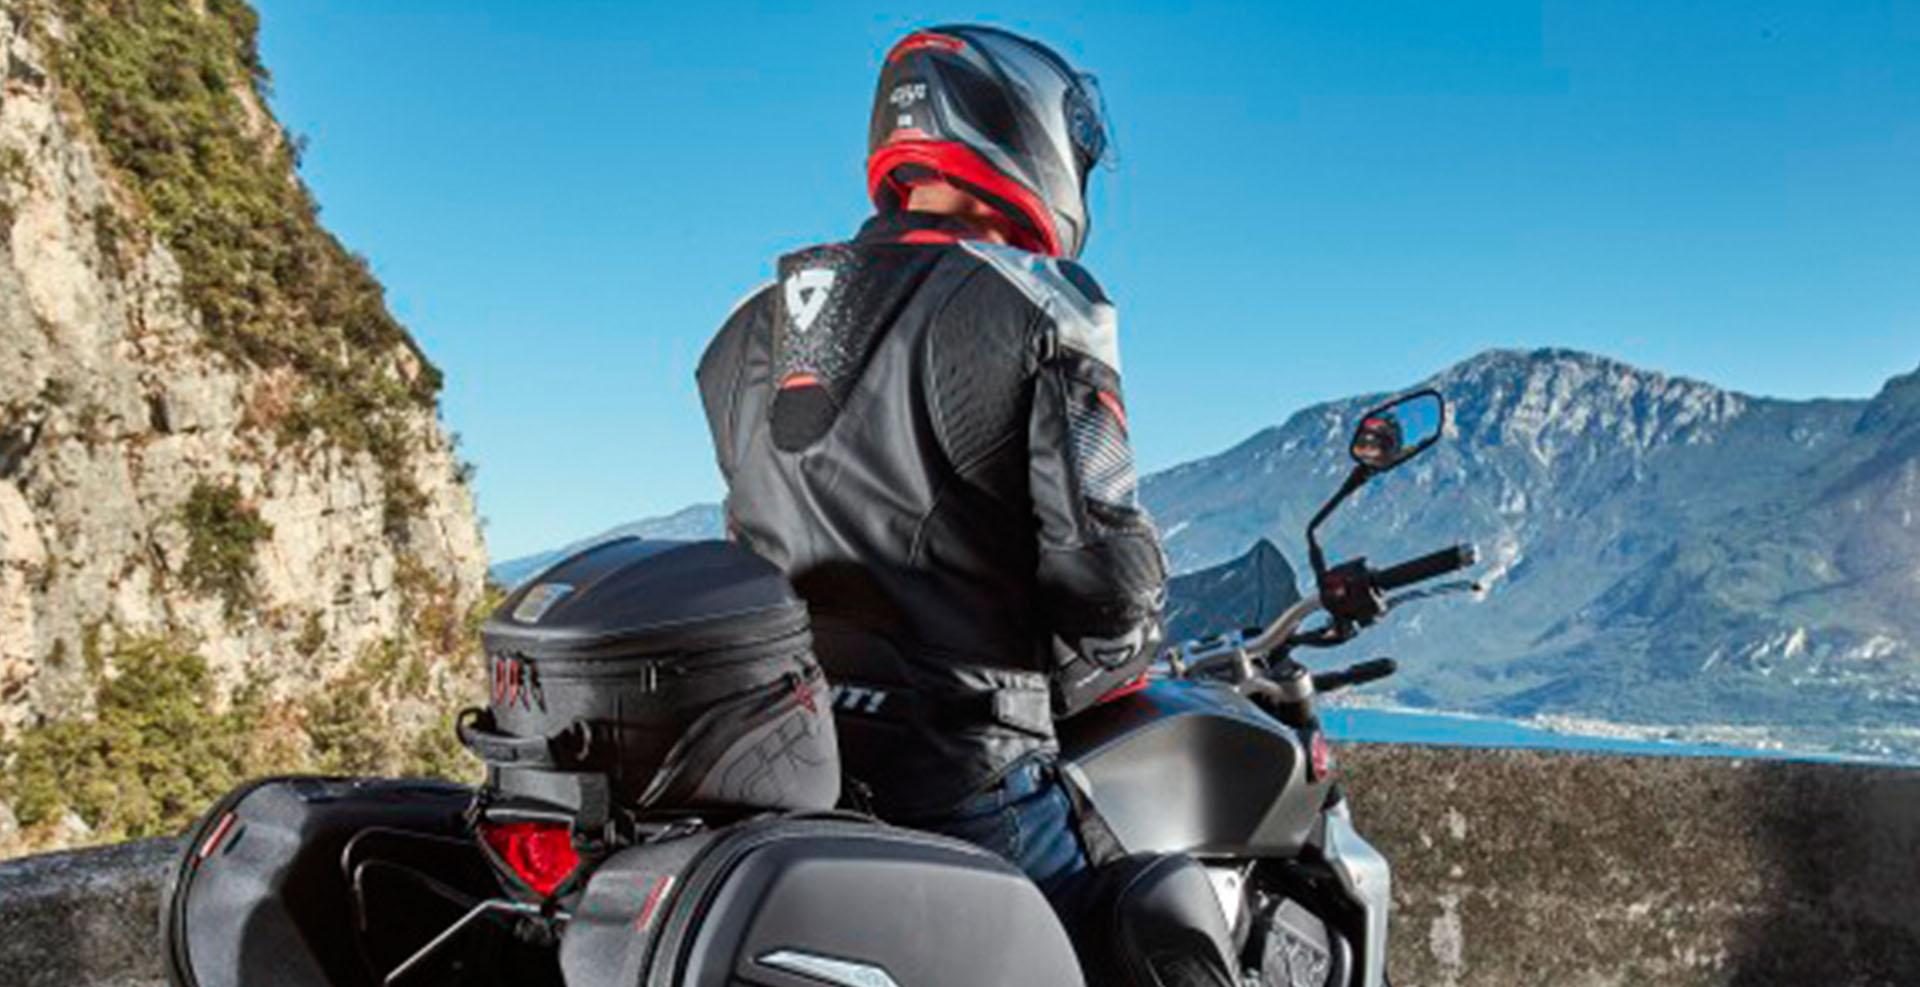 Motorista parado sobre su moto con accesorios GIVI